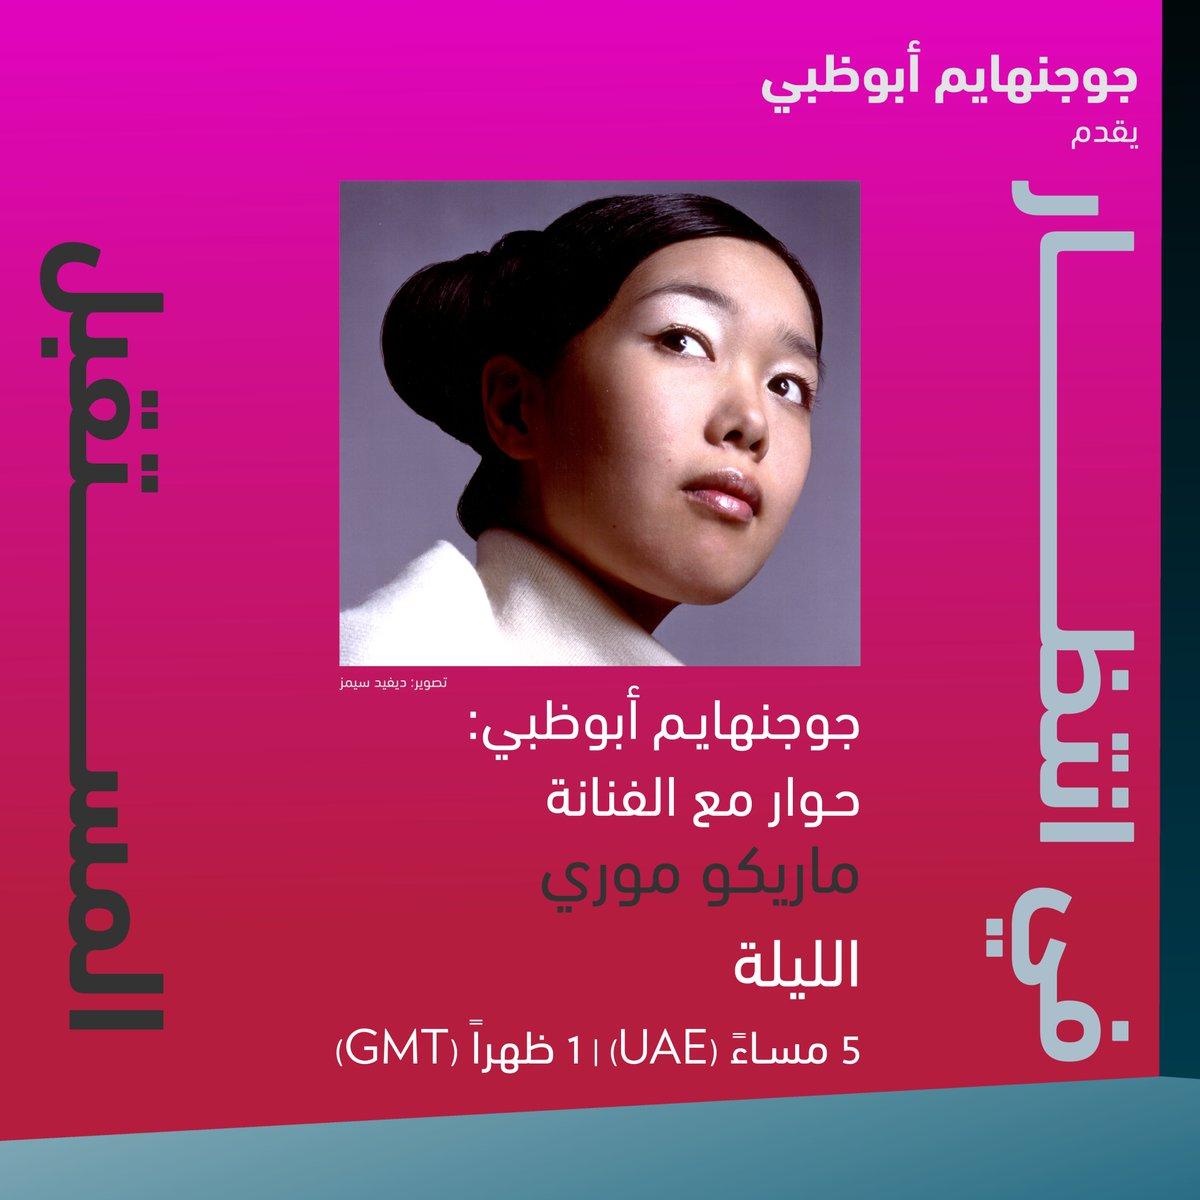 """#الثقافة_للجميع_تعرف الليلة، انضموا إلى حوار جوجنهايم أبوظبي مع الفنانة ماريكو موري، حيث تناقش سلسلتها المميزة """"كونٌ خفيٌ""""، (1996-1998). يليها عرض فيلم """"ميكو نو إينوري""""، (1996).  الساعة 5:00 مساءً بتوقيت الإمارات (1:00 ظهراً بتوقيت غرينيتش) – عبر الرابط https://t.co/yY0U0QnKSn https://t.co/QmOaI83BmZ"""